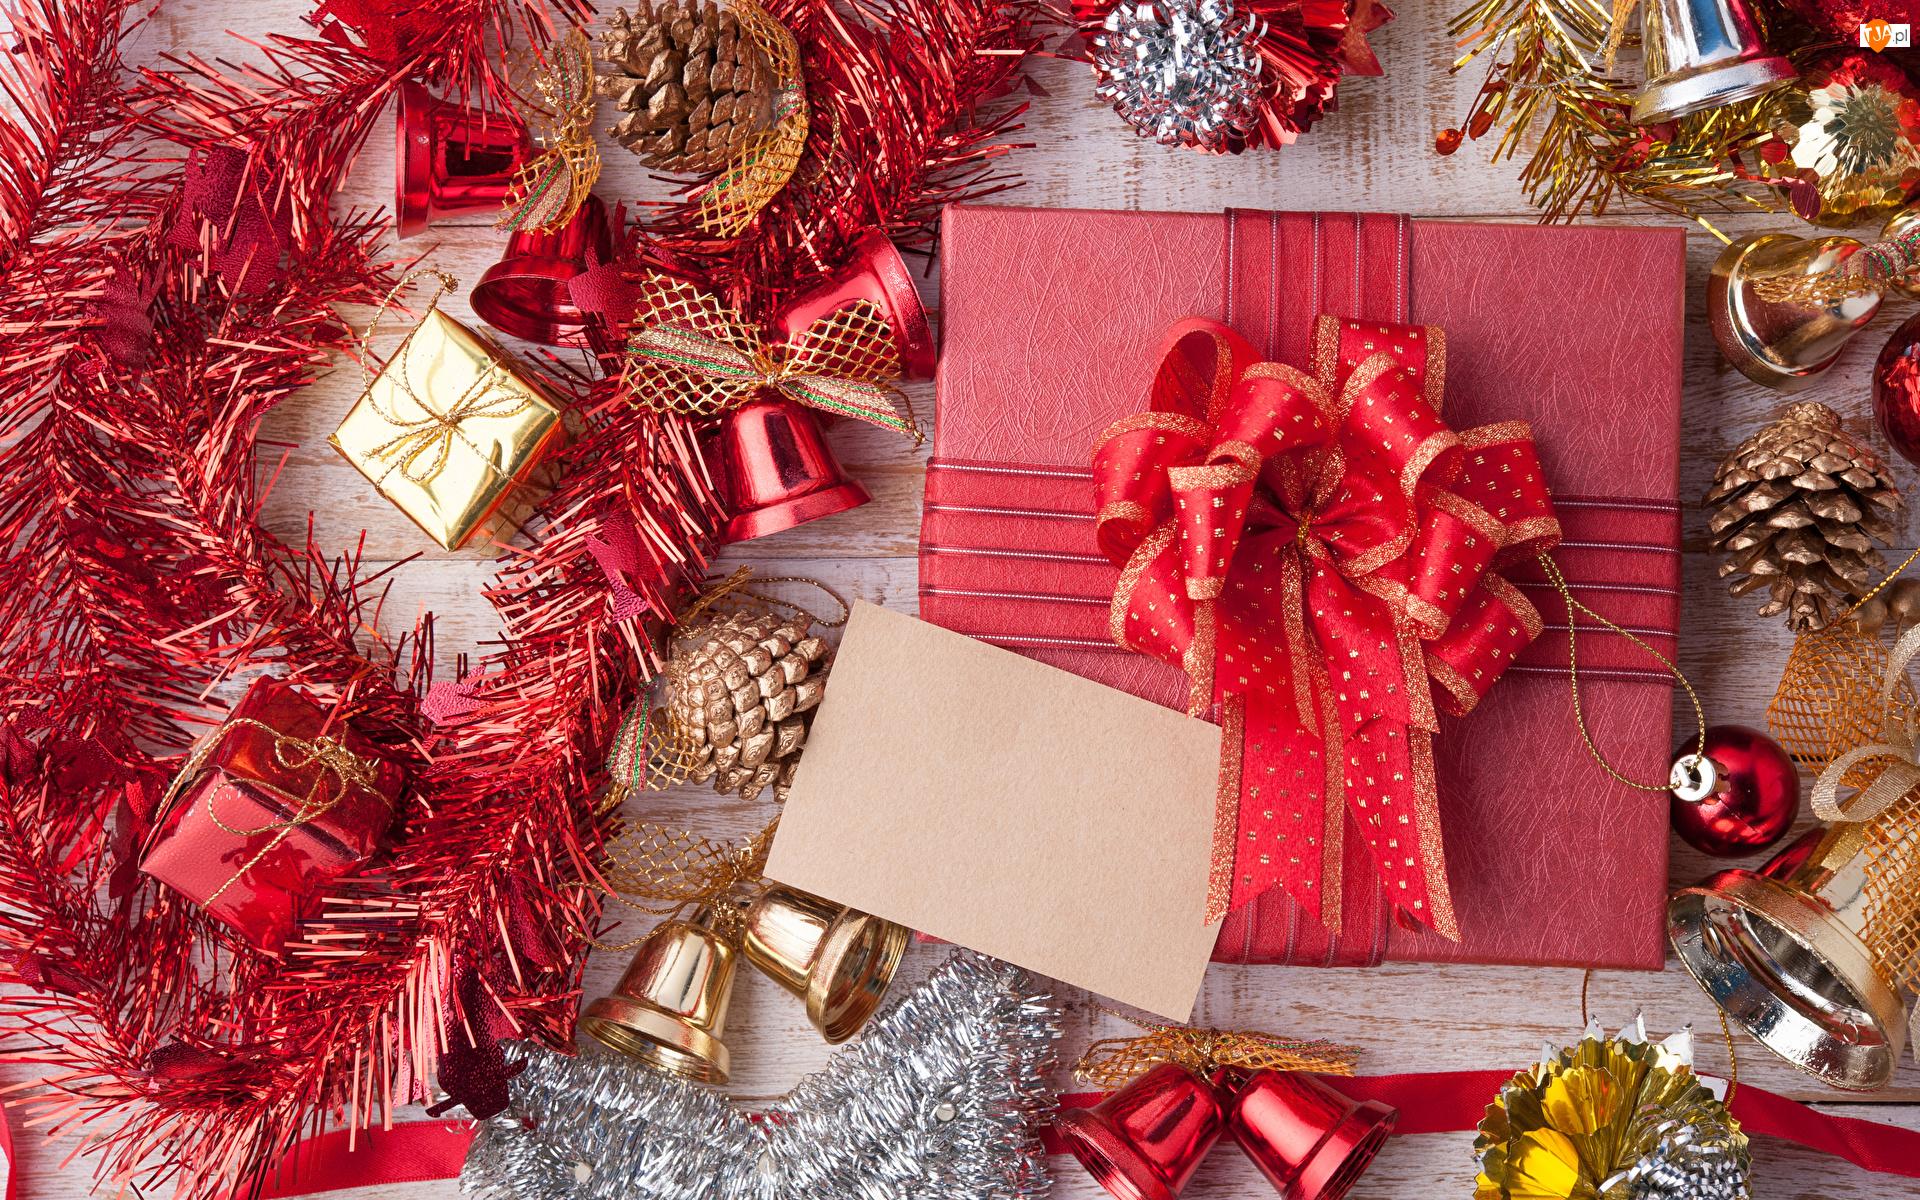 Prezent, Świąteczny, Szyszki, Kompozycja, Dzwoneczki, Łańcuch